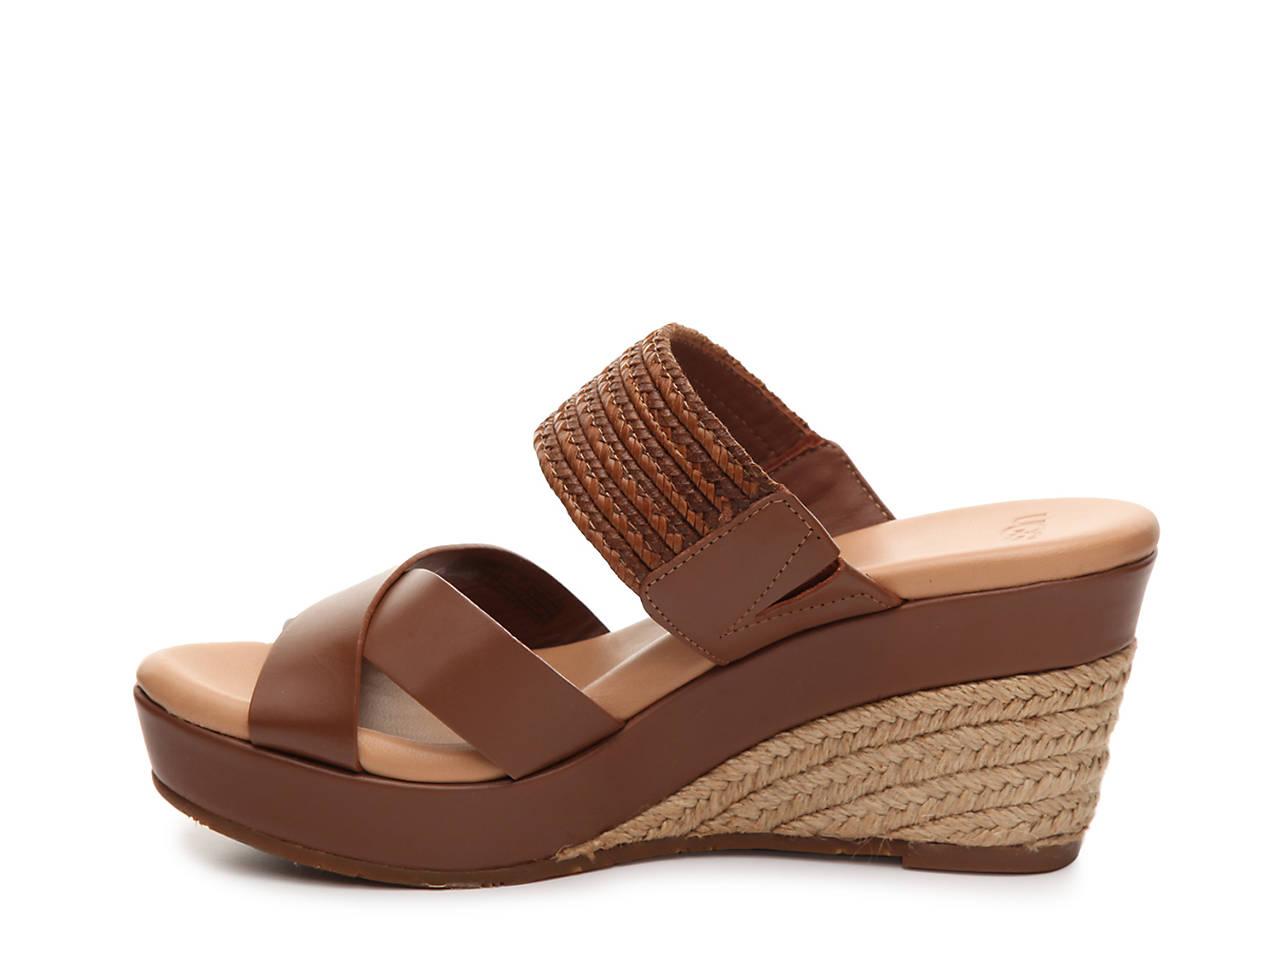 ed3328605bd4 UGG Adriana Espadrille Wedge Sandal Men s Shoes